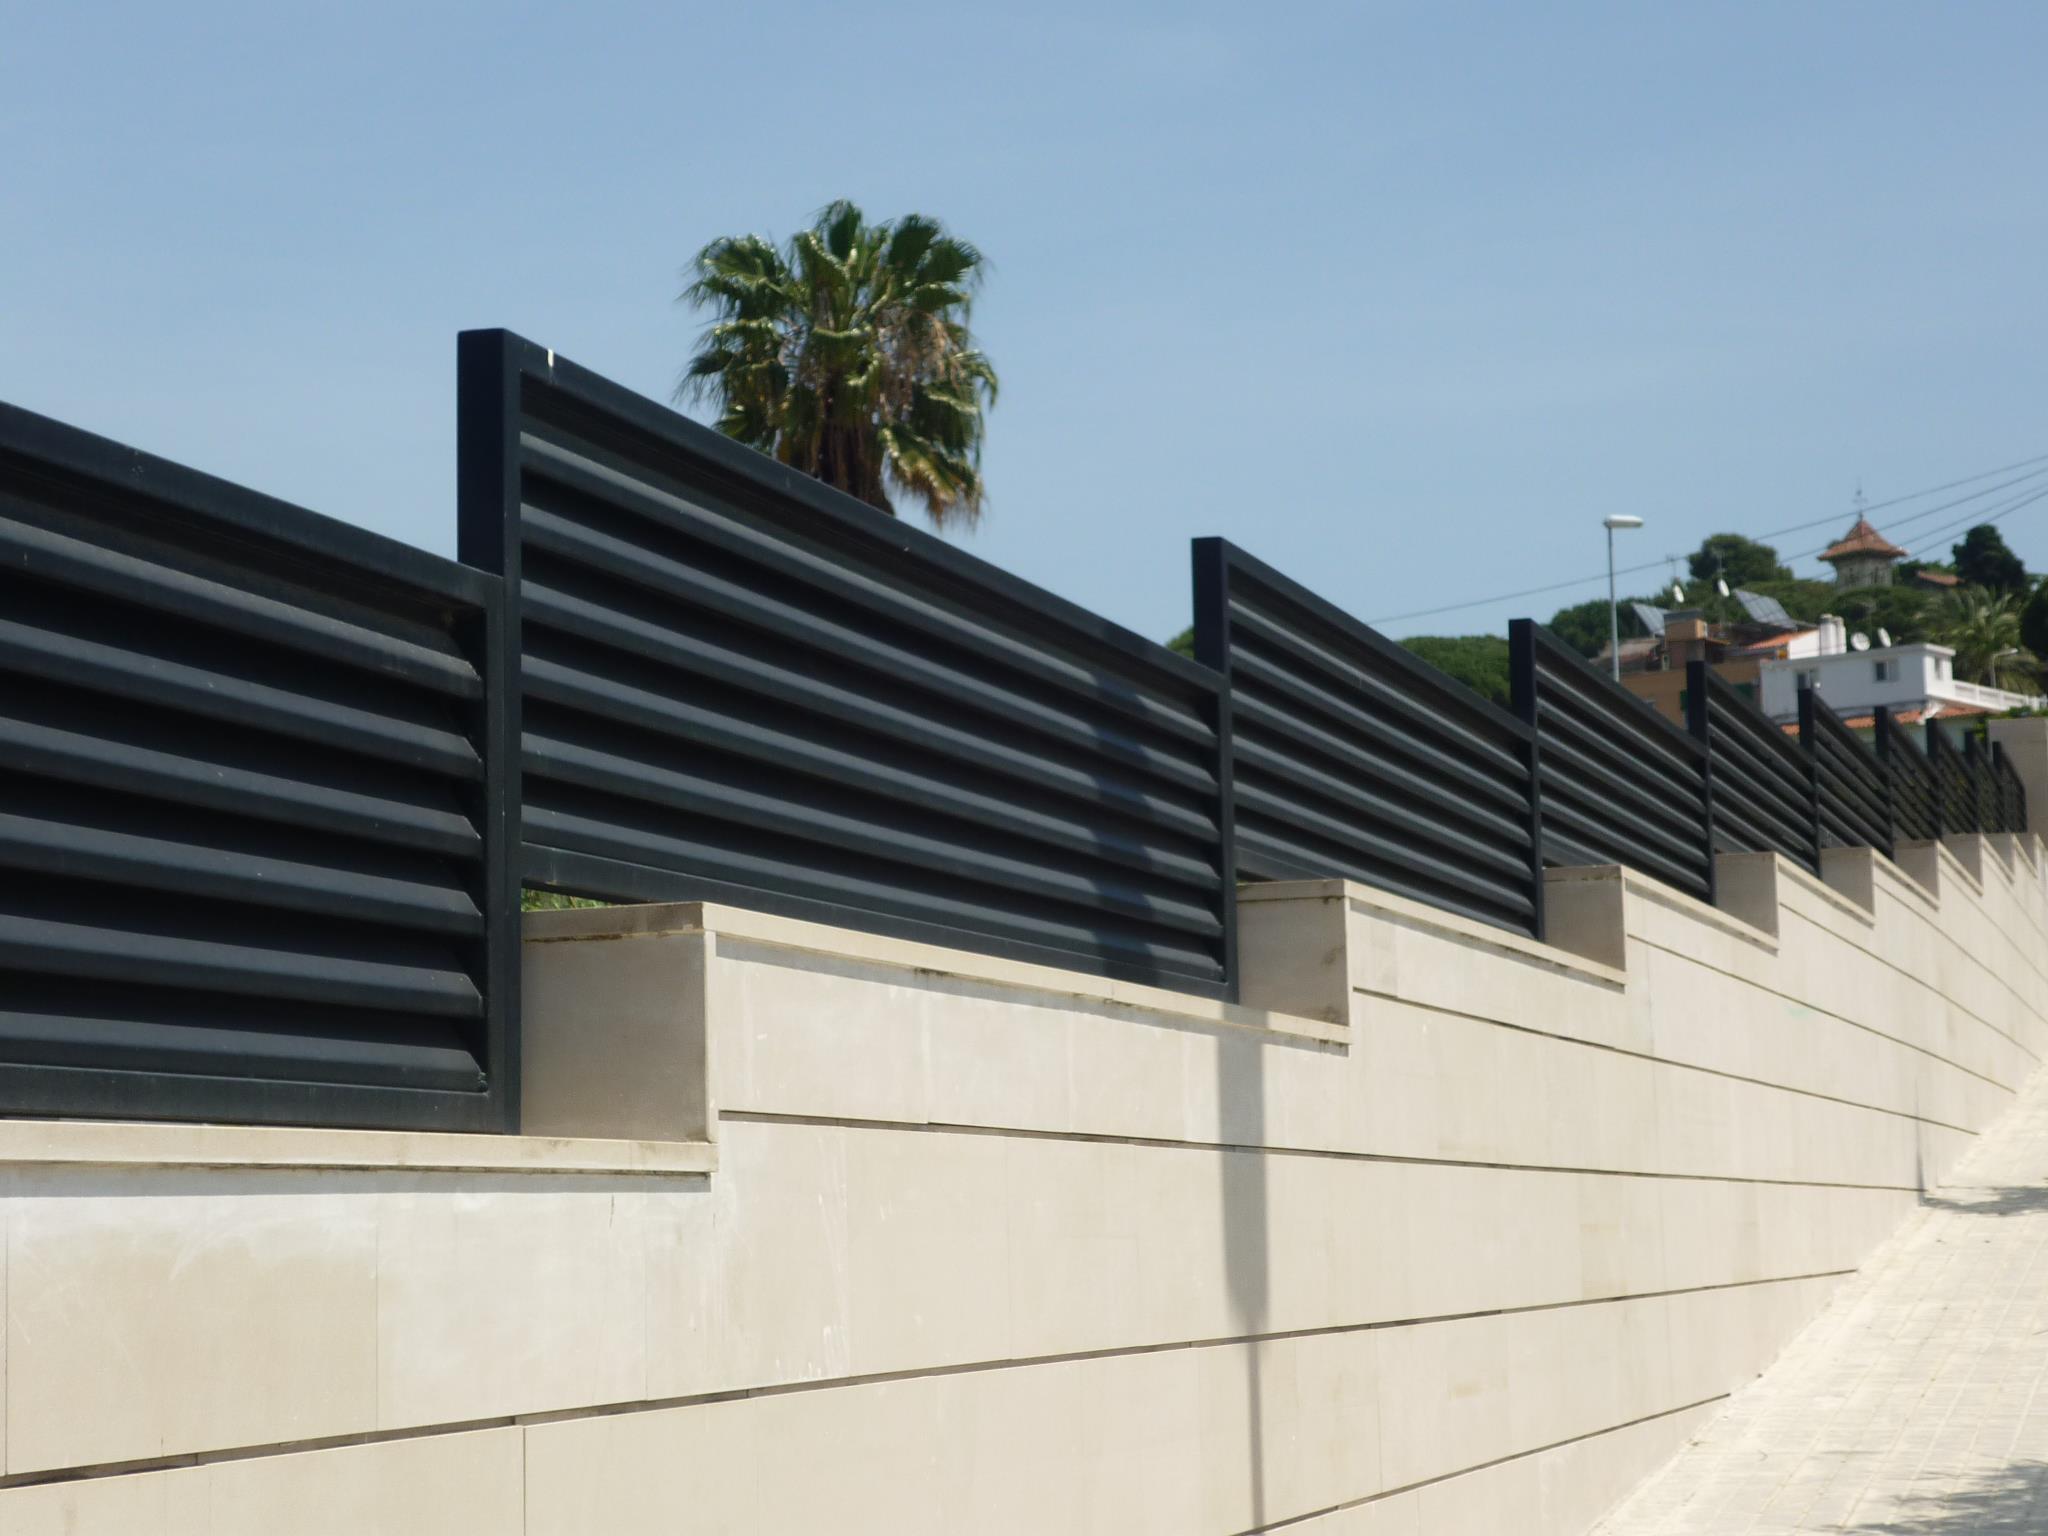 Vinuesa vallas cercados verjas residenciales de hierro - Vallas de hierro ...